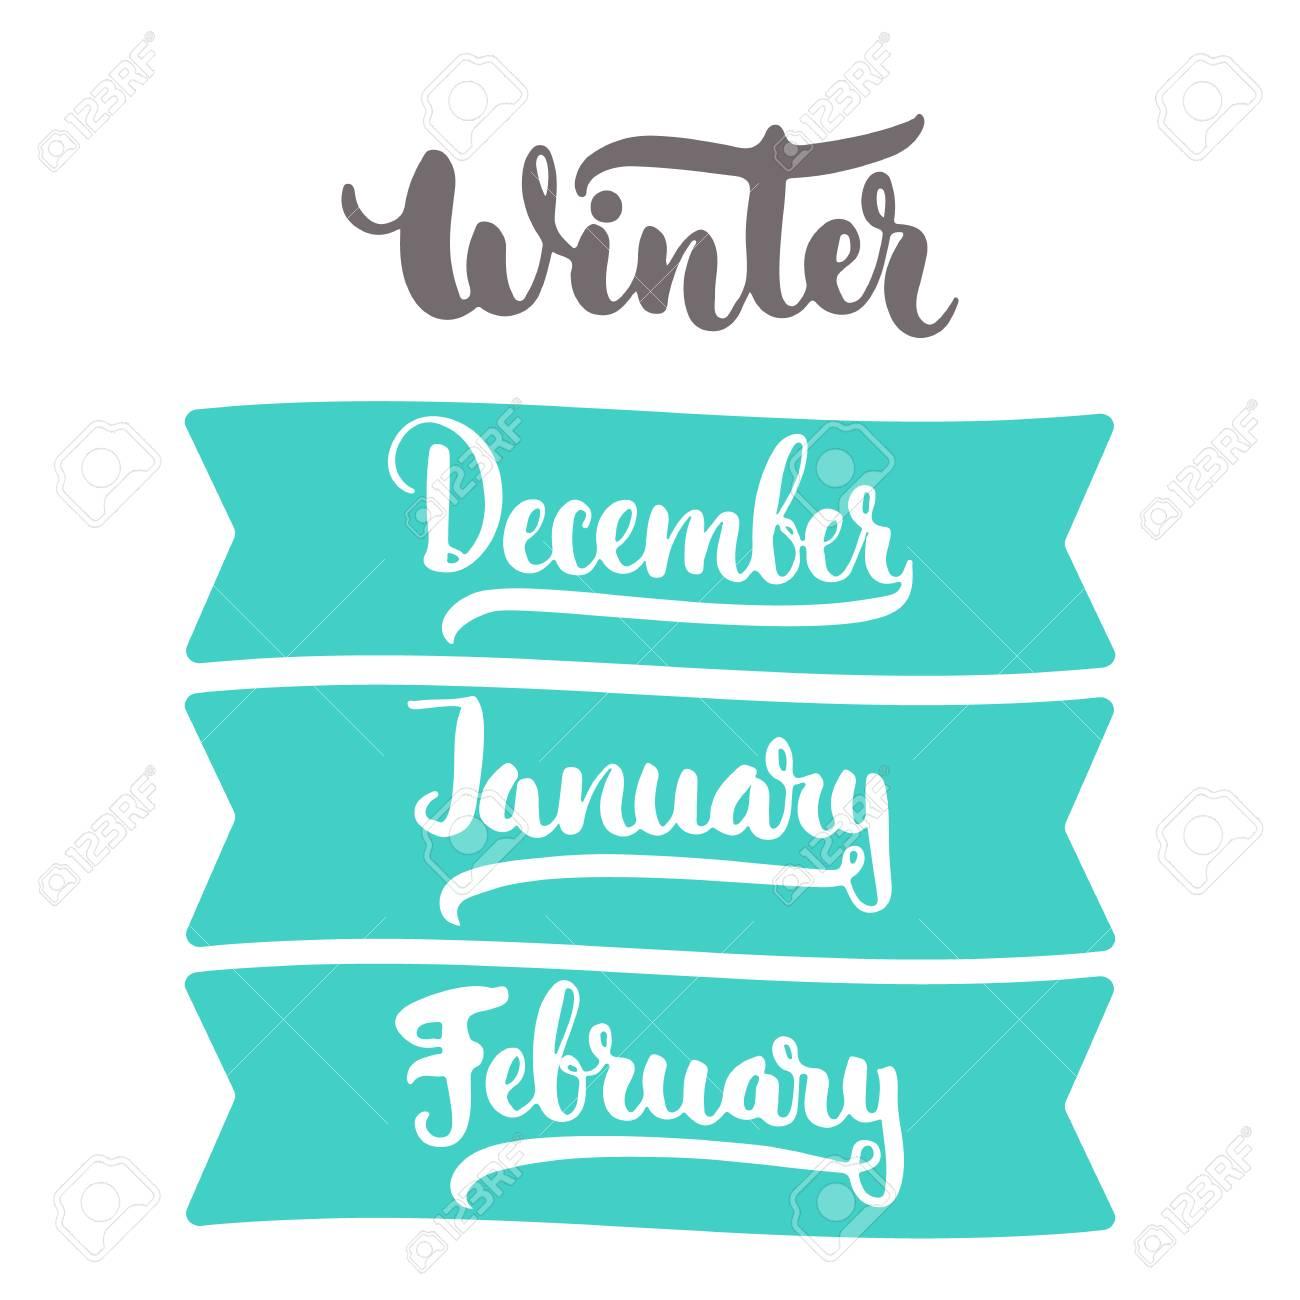 3 Meses De Invierno Del Año Diciembre Enero Febrero Signo De